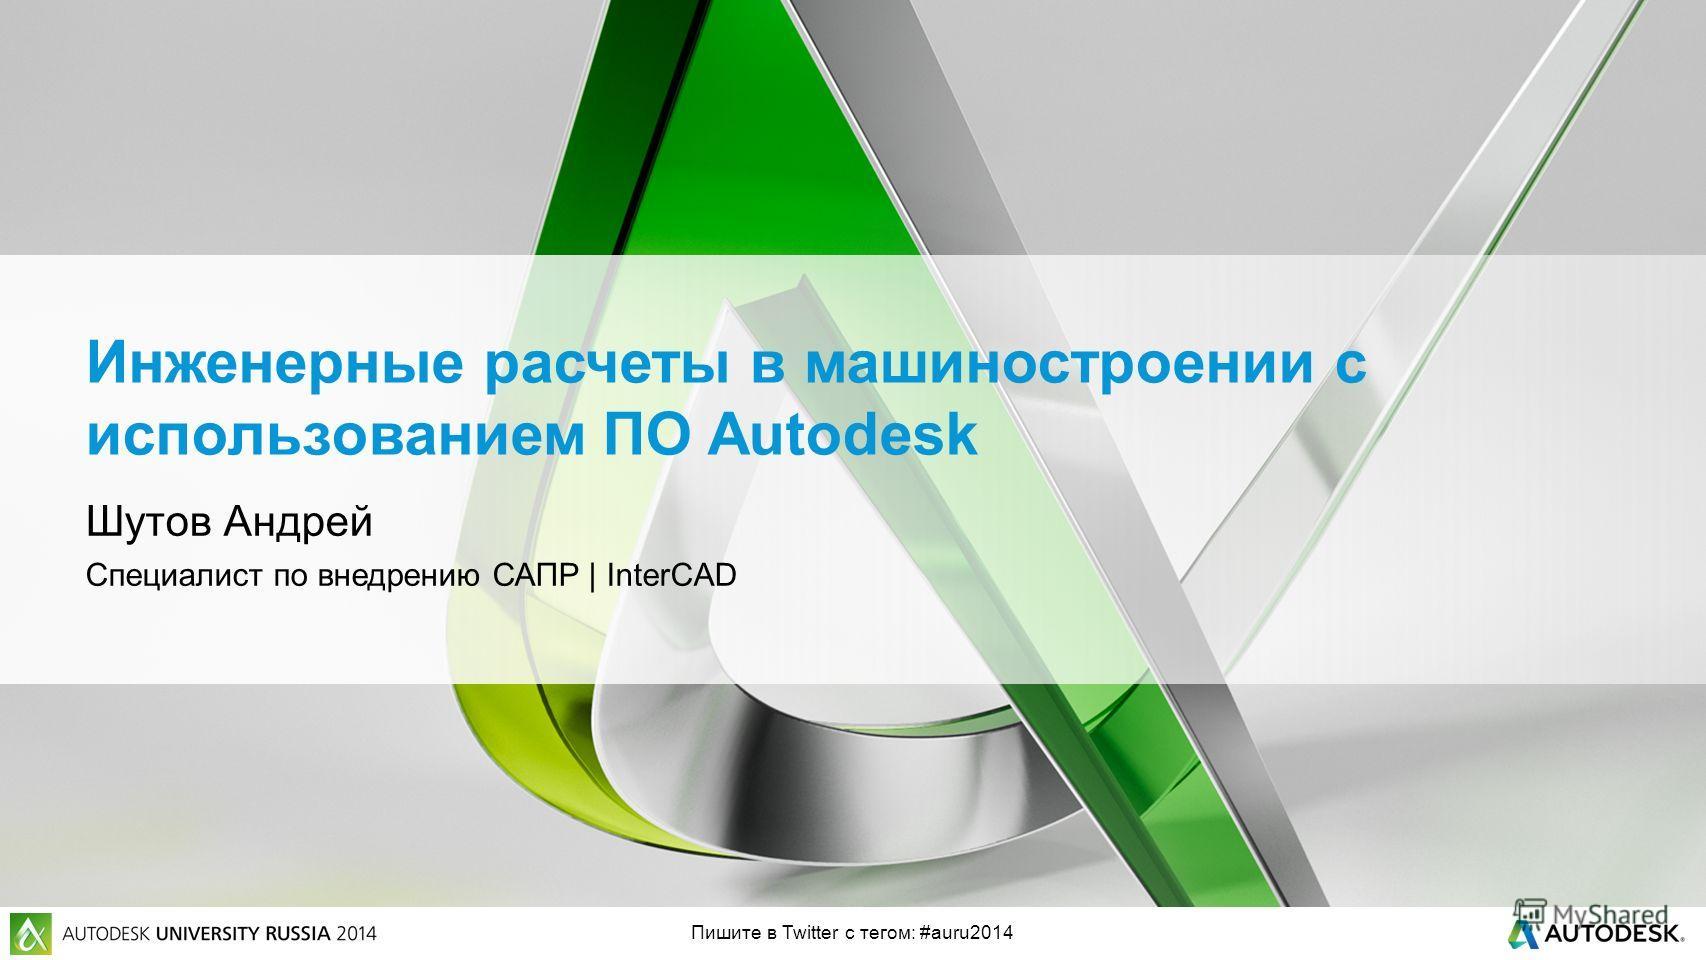 Пишите в Twitter с тегом: #auru2014 Инженерные расчеты в машиностроении с использованием ПО Autodesk Шутов Андрей Специалист по внедрению САПР | InterCAD